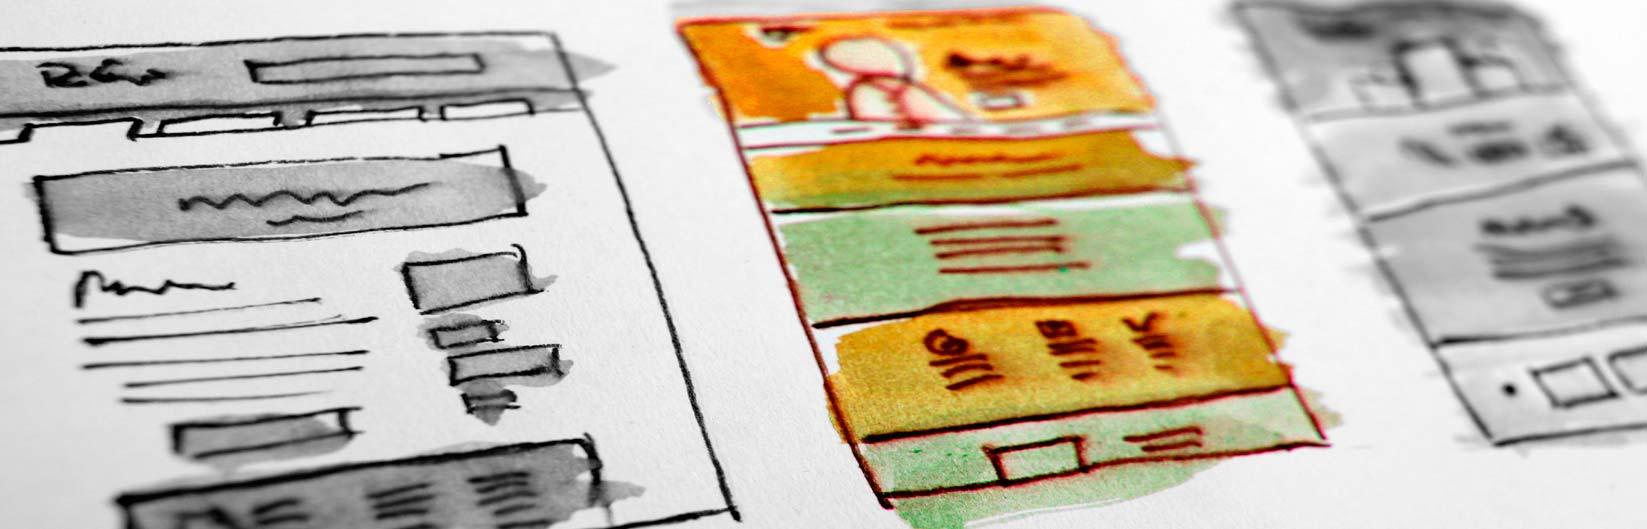 MIDDLETON DAVIES WEBSITE DESIGN HEADER IMAGE